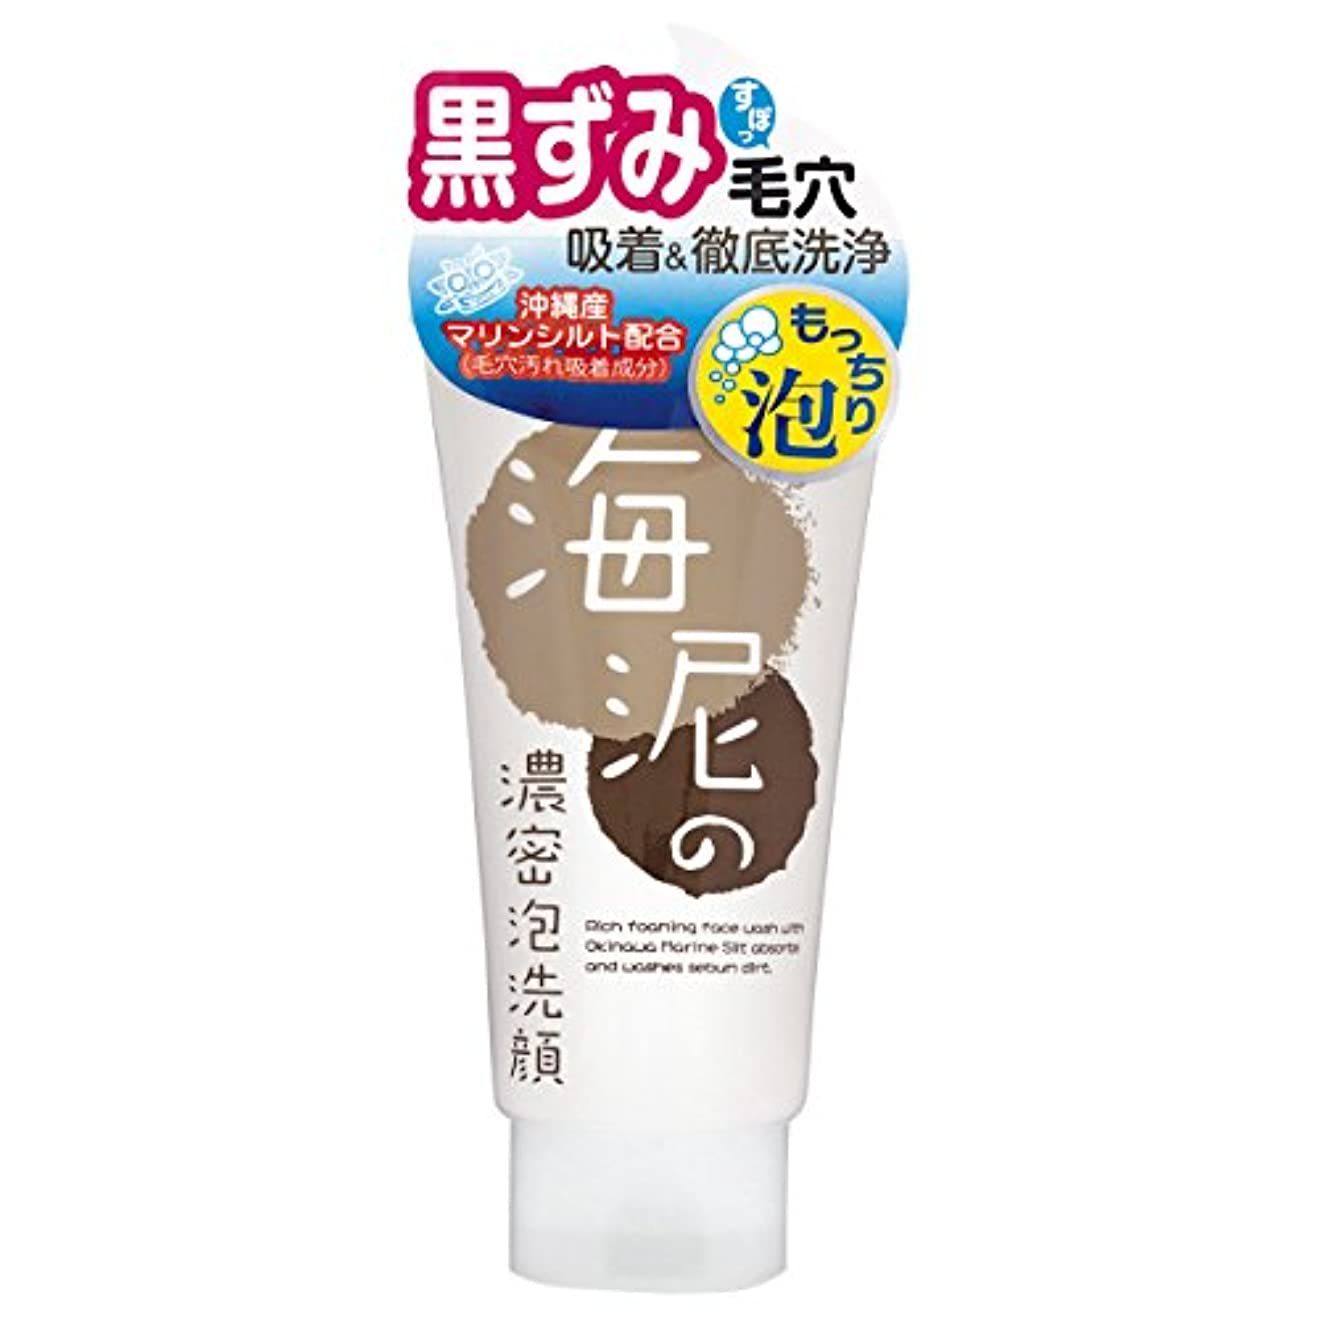 修道院男性前提リアルトライ 海泥の濃密泡洗顔120g